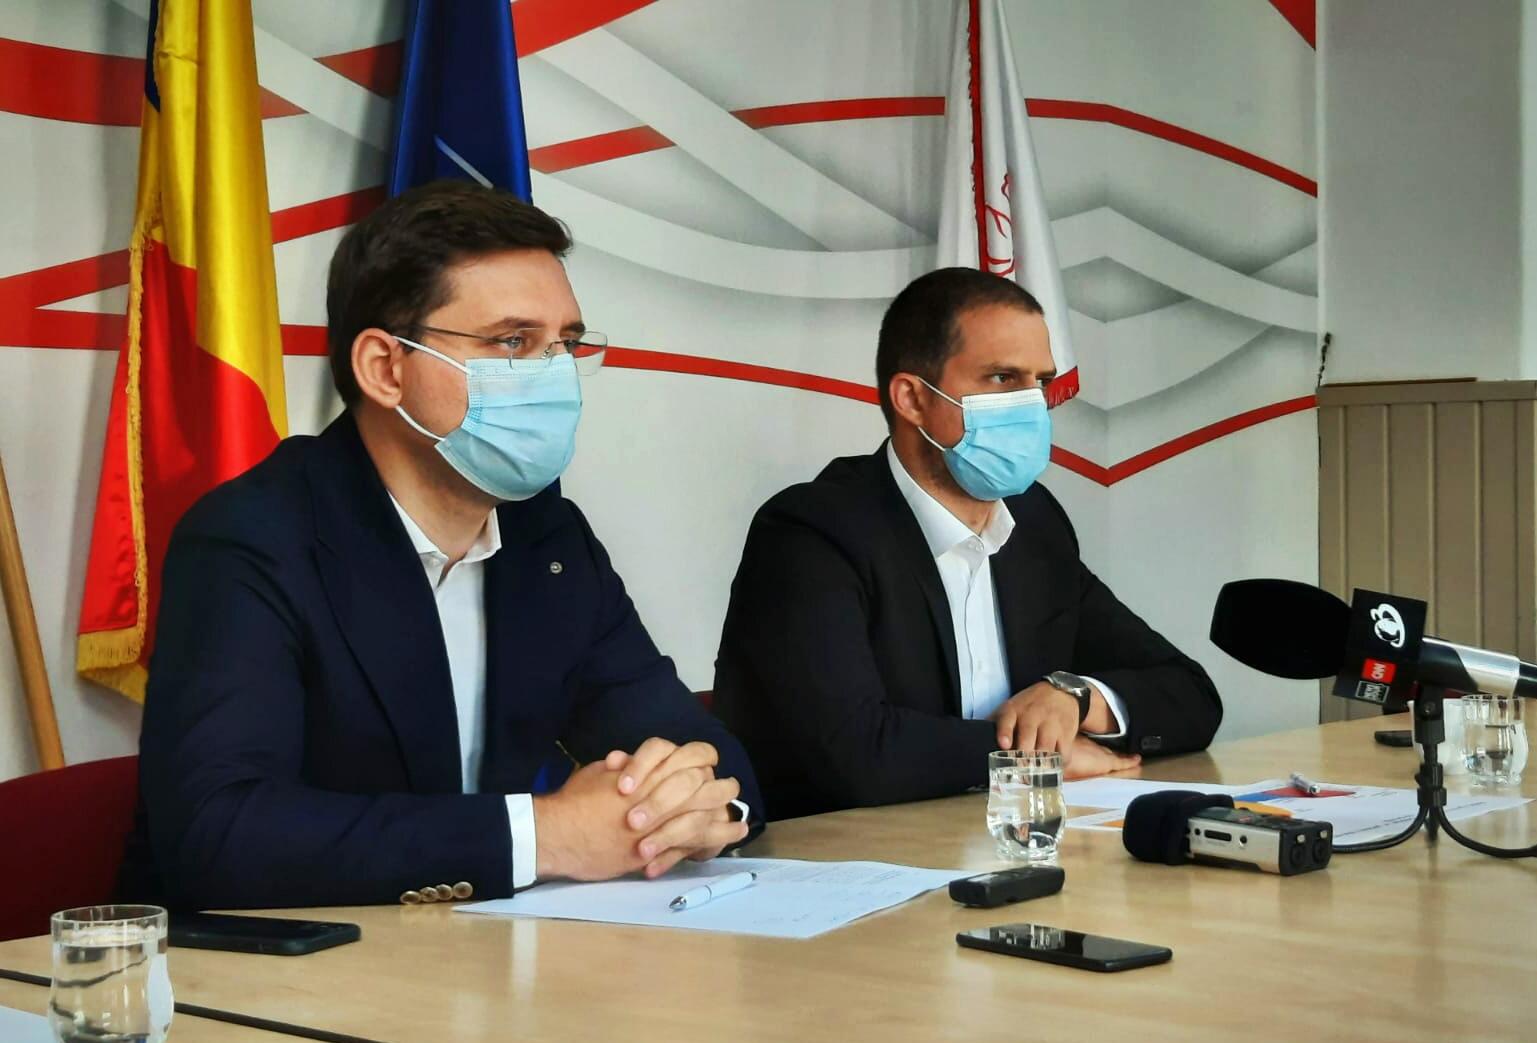 """Bogdan Trif, PSD Sibiu: """"Împrumuturile uriașe pe care Cîțu și echipa lui le-au făcut nu se regăsesc nici în măriri de salarii, pensii sau alocații pentru copii"""""""